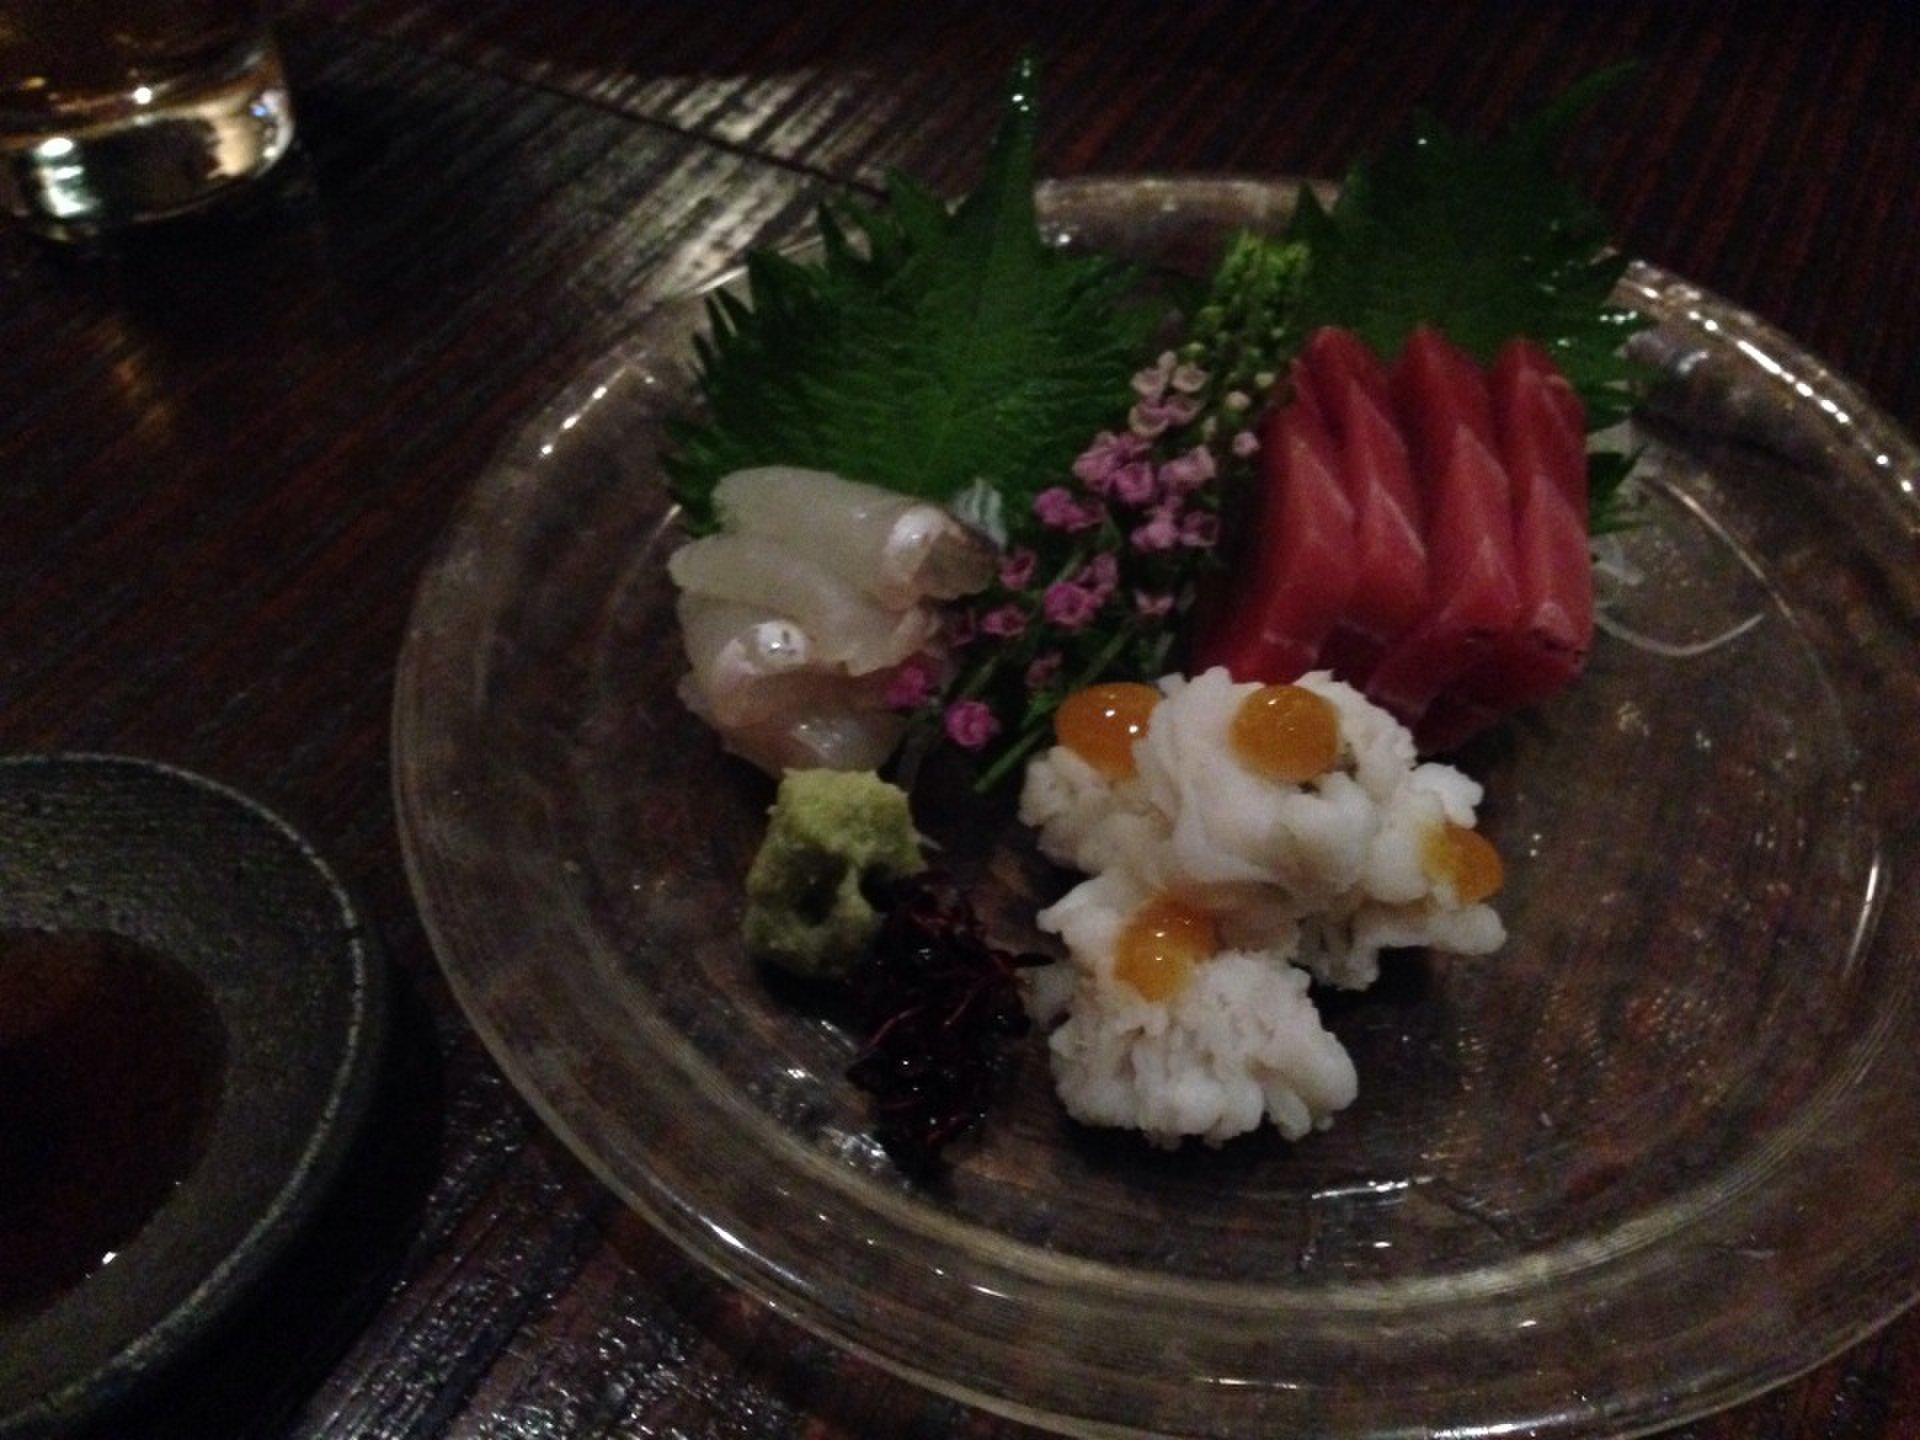 恵比寿でディナーにおすすめ和食個室居酒屋をはしご!デートに人気の隠れ家2件をご紹介!